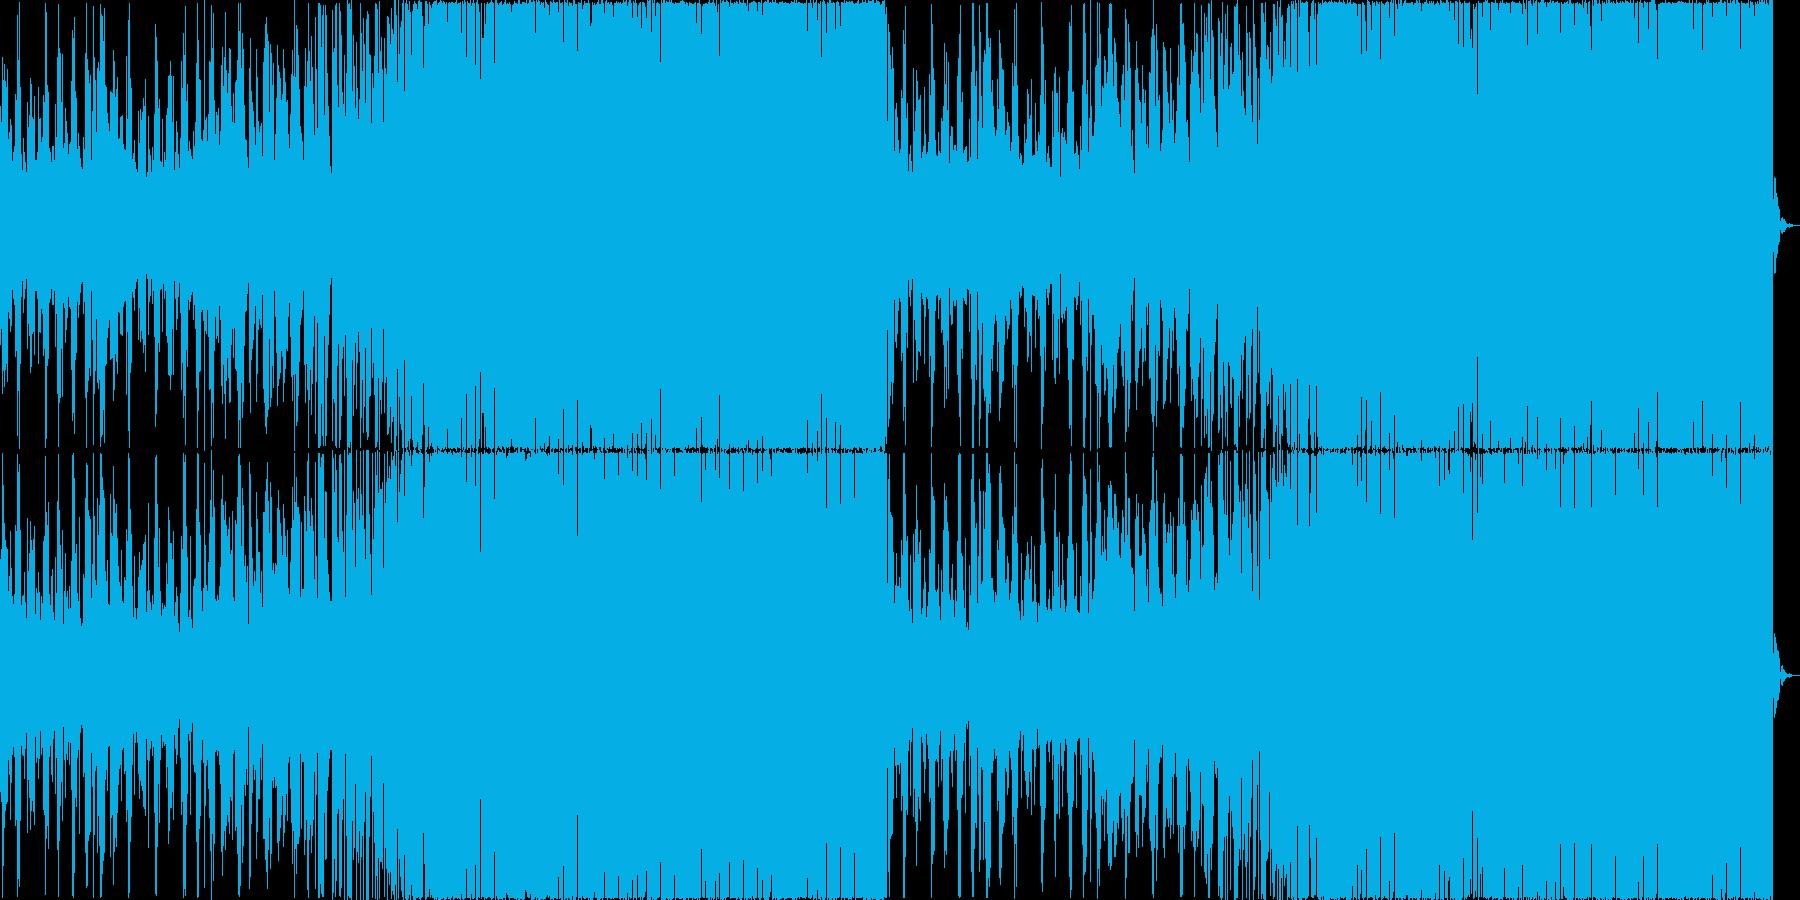 チルアウトクールなトロピカルハウスaの再生済みの波形